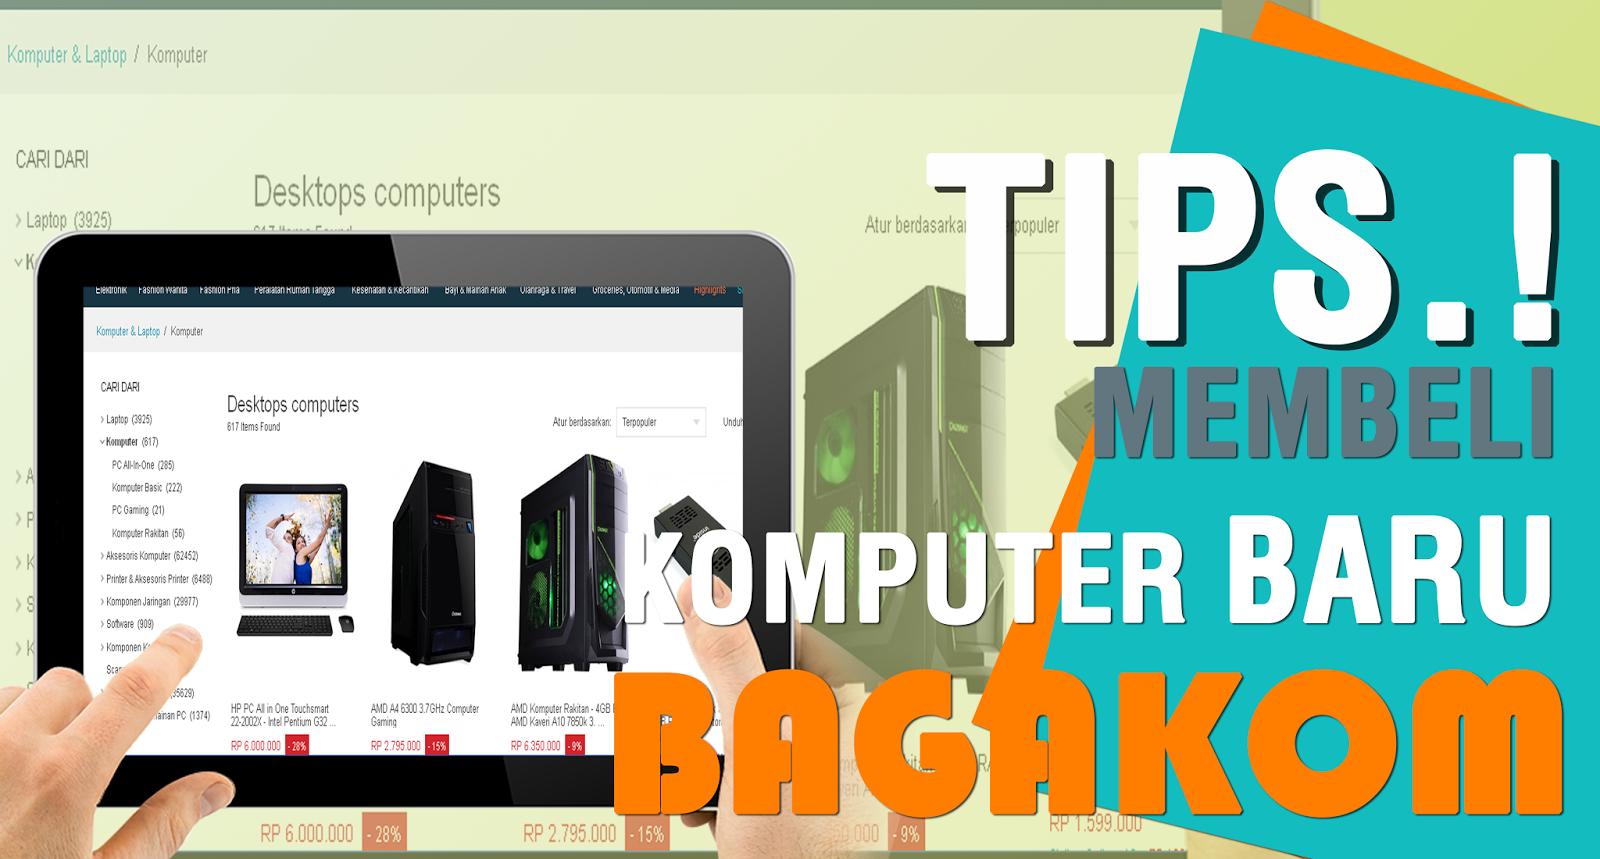 Beberapa Hal Yang Harus Di Pahami Sebelum Membeli Komputer